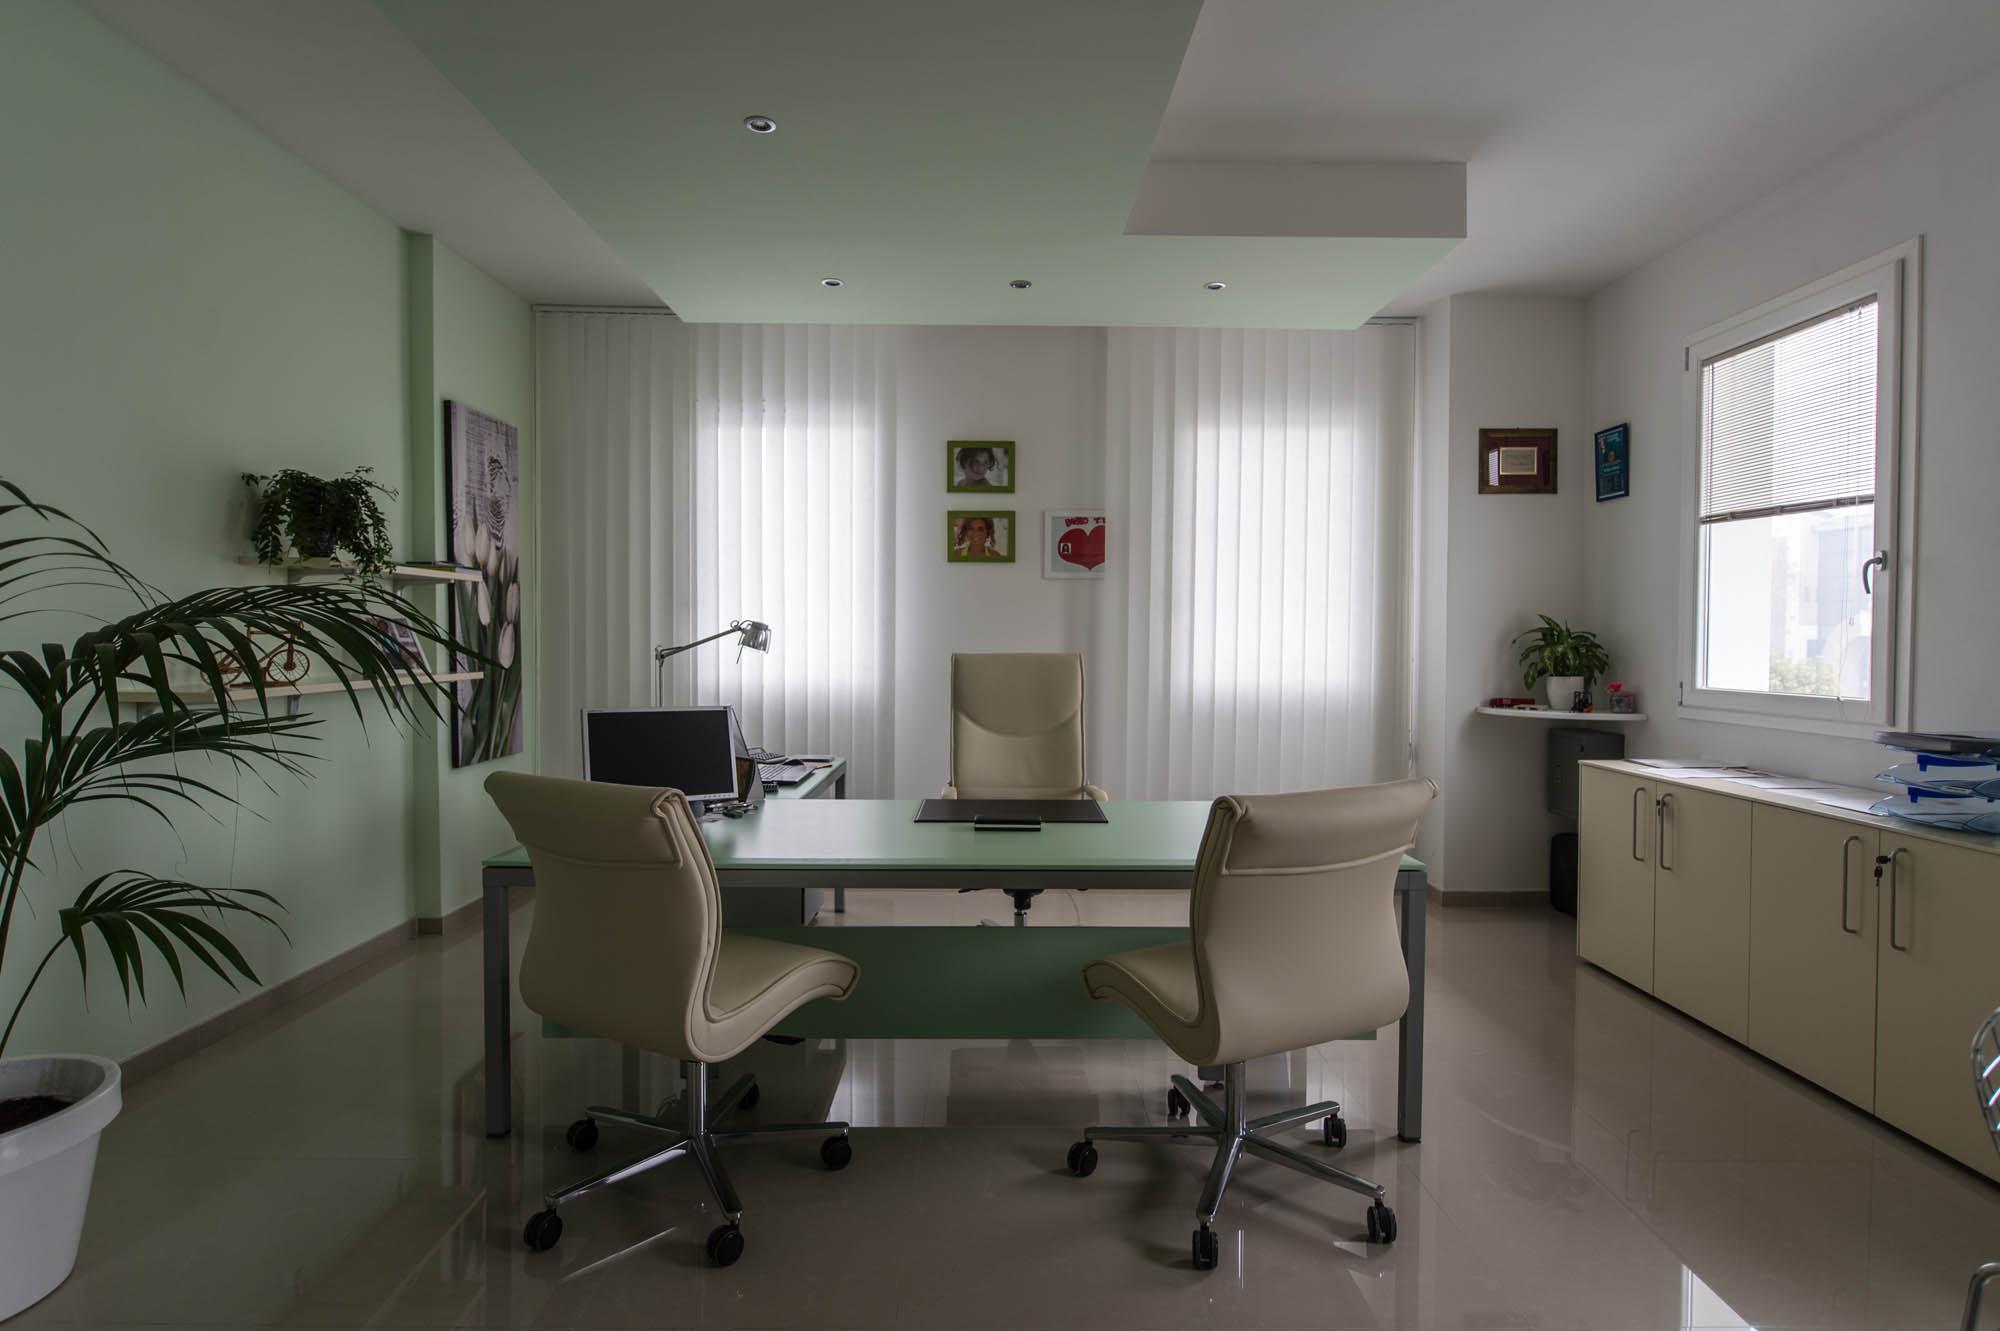 Mobili Ufficio Usati Fallimenti Roma : Mobili ufficio prato mobili ufficio da fallimenti gradi marche